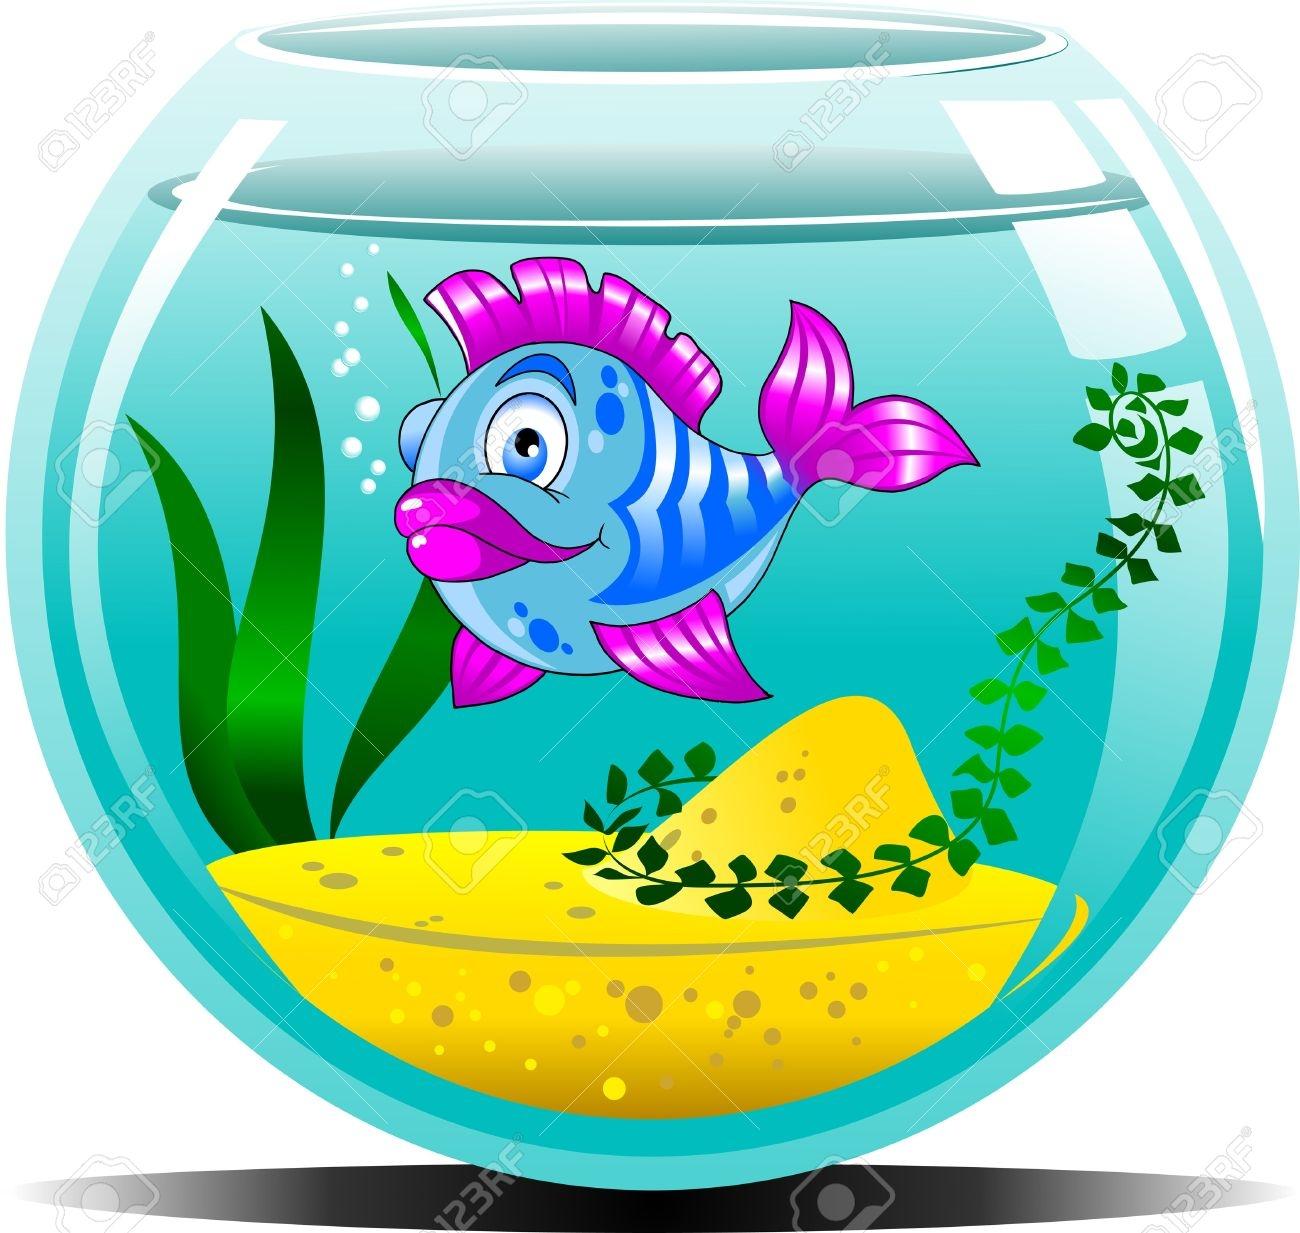 Aquarium clipart clip art. Fish in library